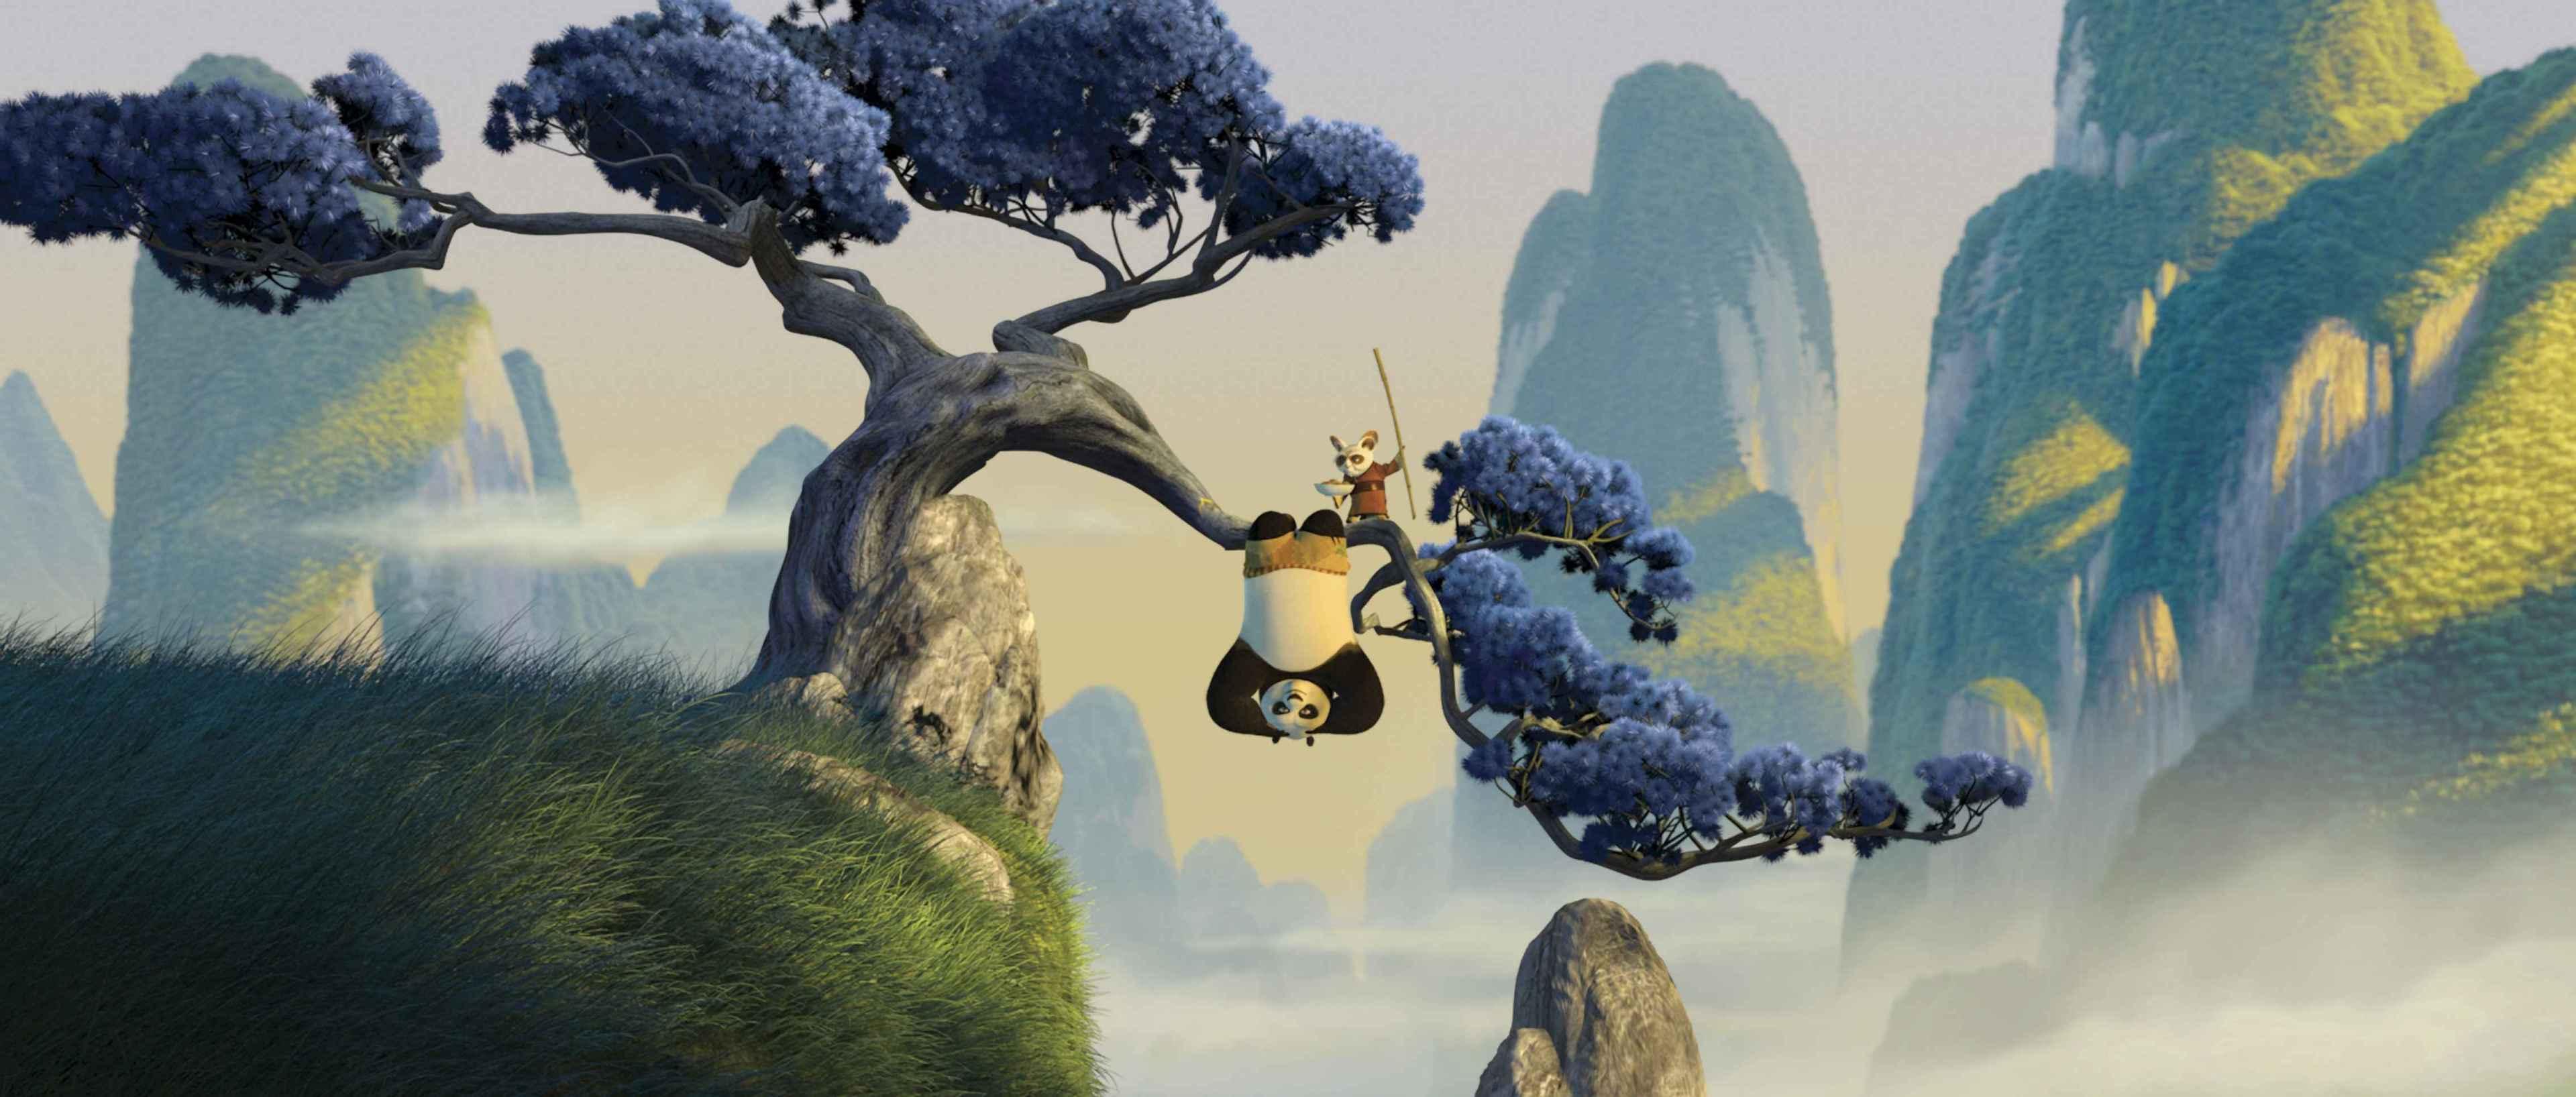 功夫熊猫(kung fu panda)